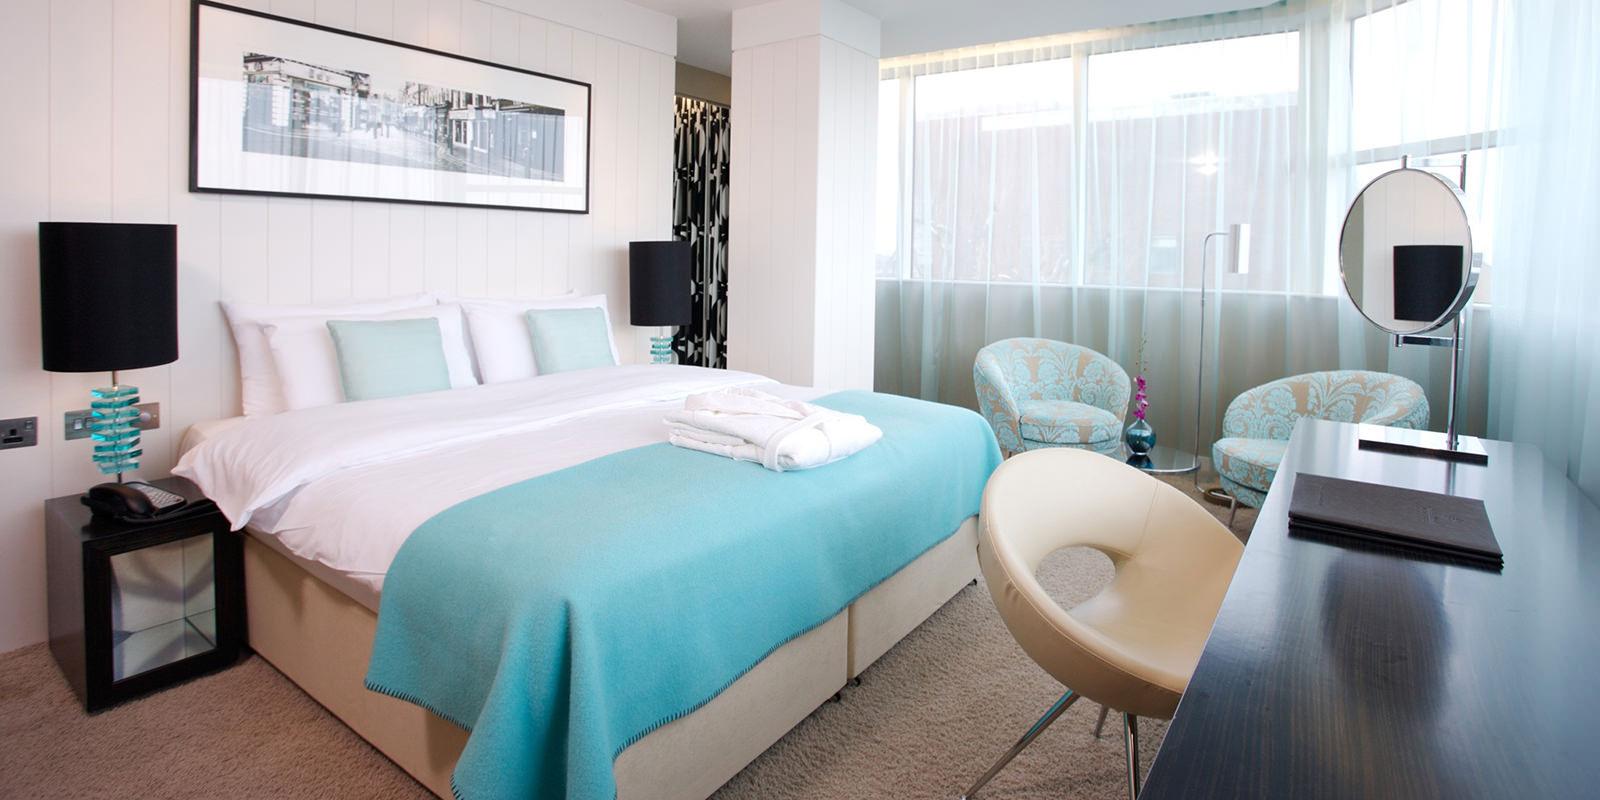 Бежевая кровать и кресло в спальне